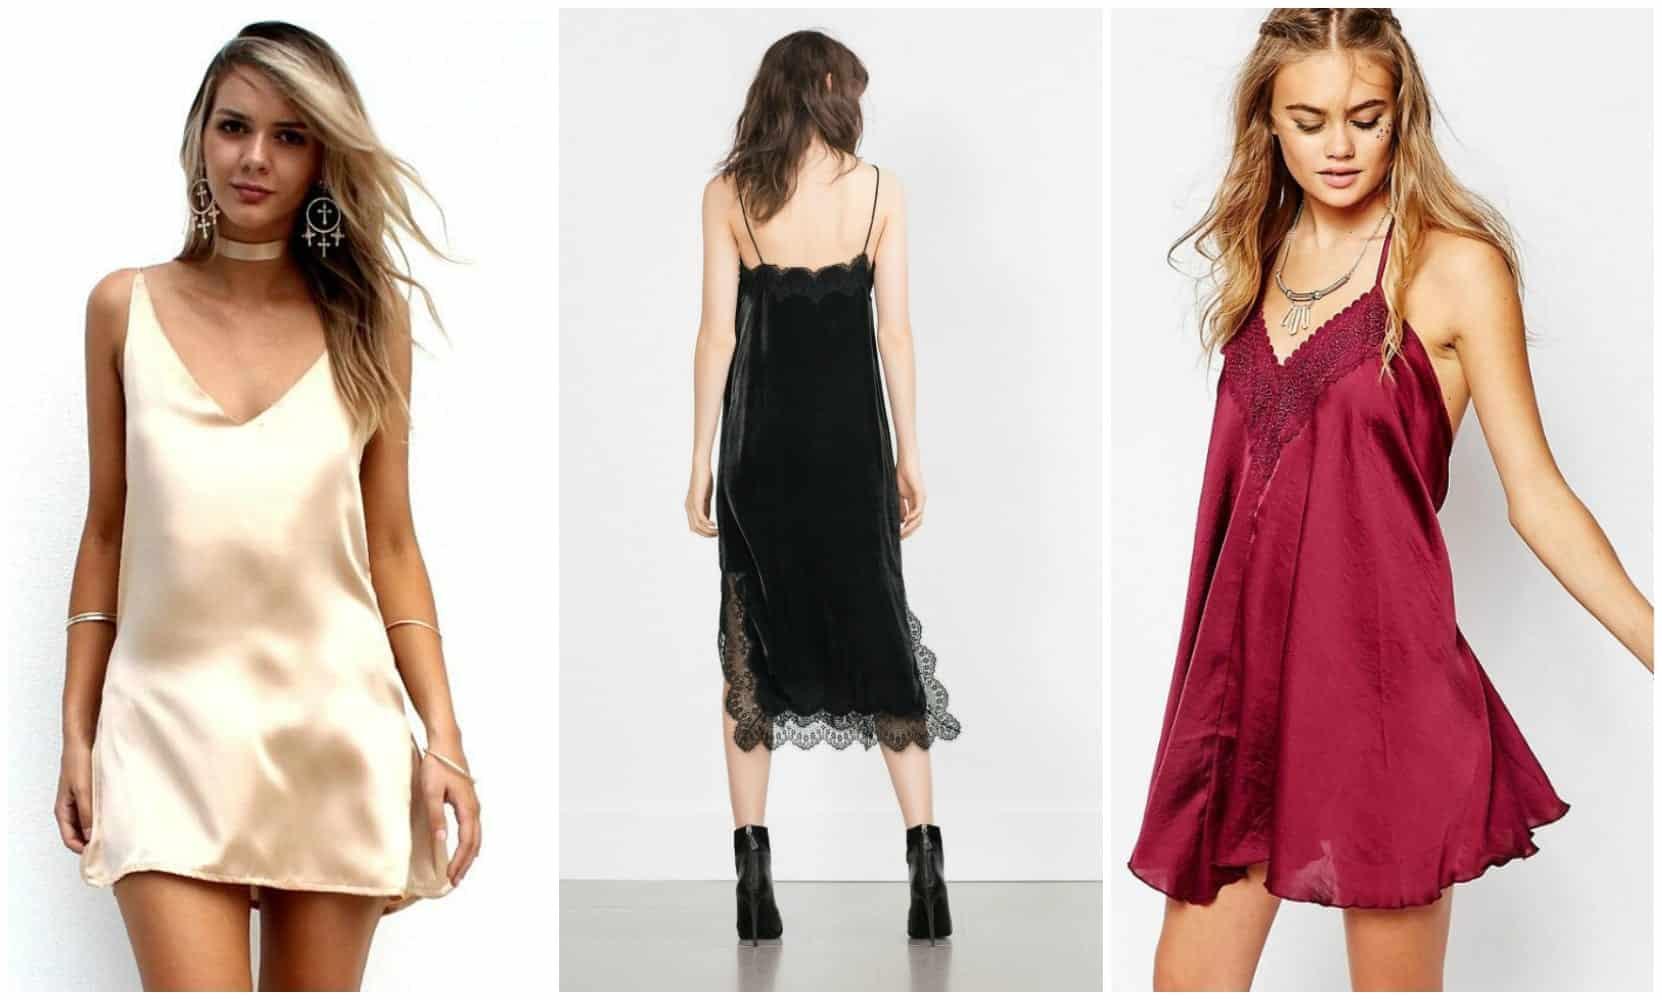 8 modelos de vestidos específicos para cada tipo de corpo